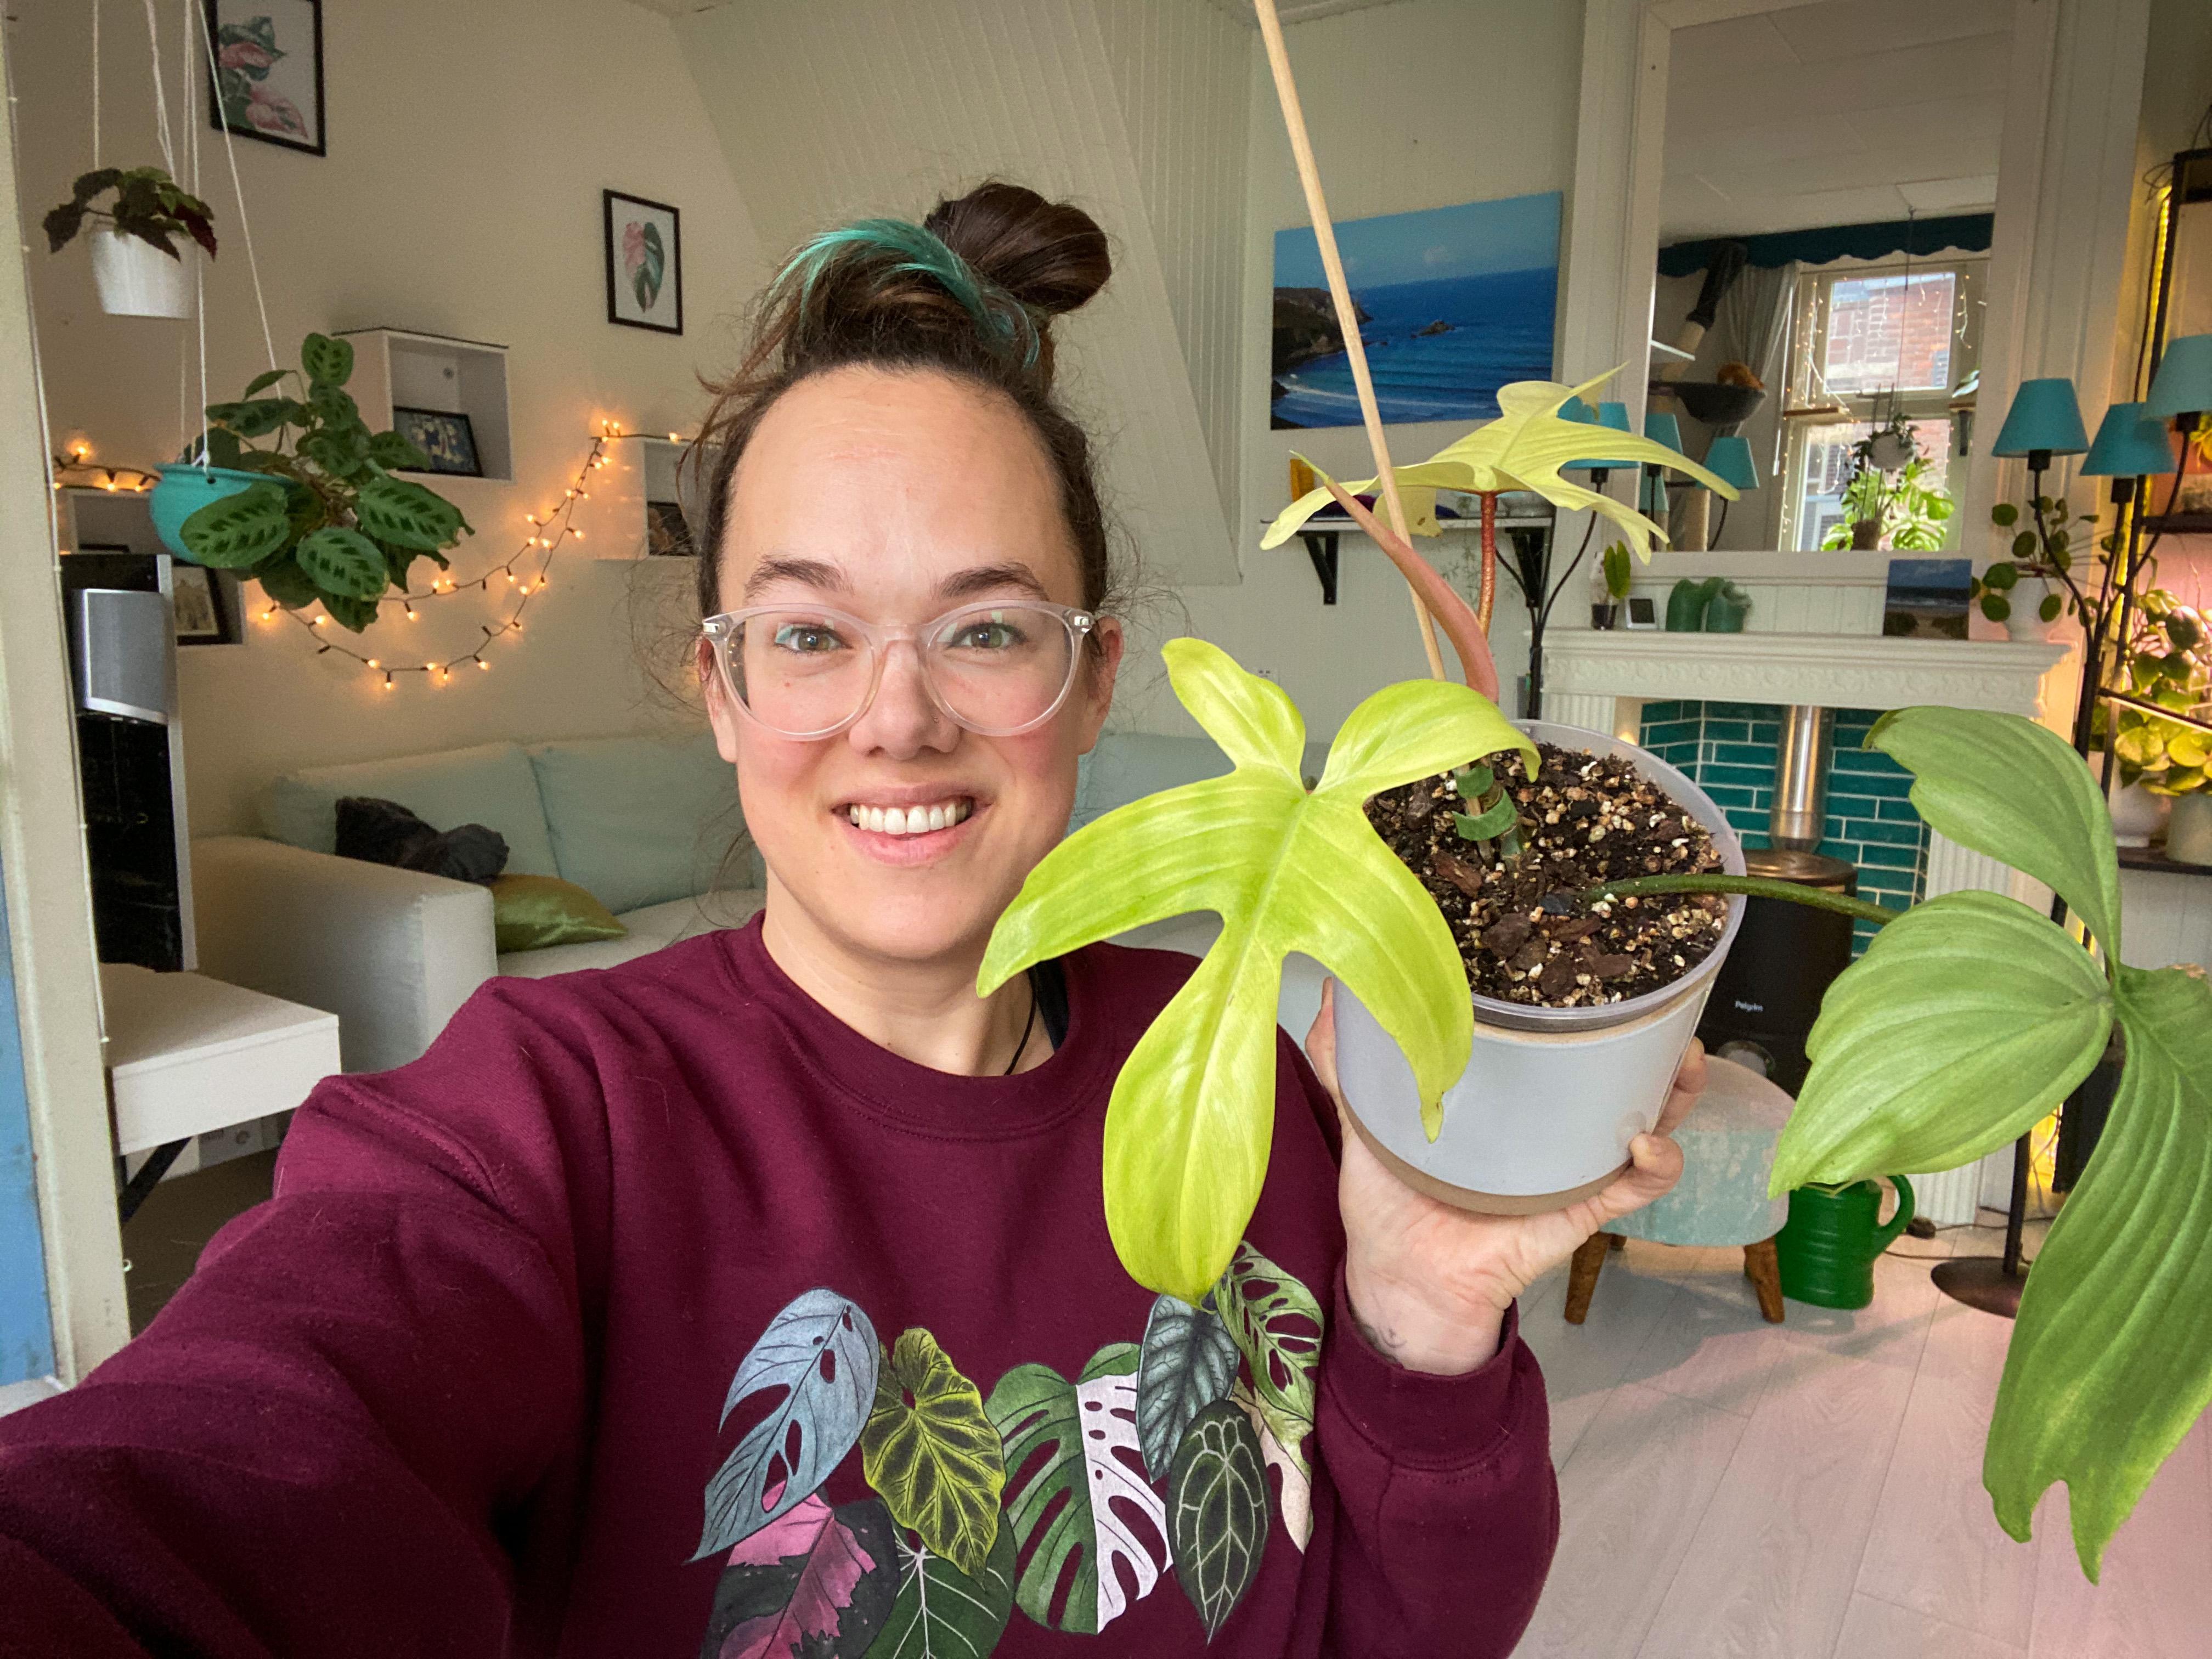 Plantfluencer: 'Een nieuw blad brengt vrolijkheid in een lastige periode. Plant-therapie noemen we dat'